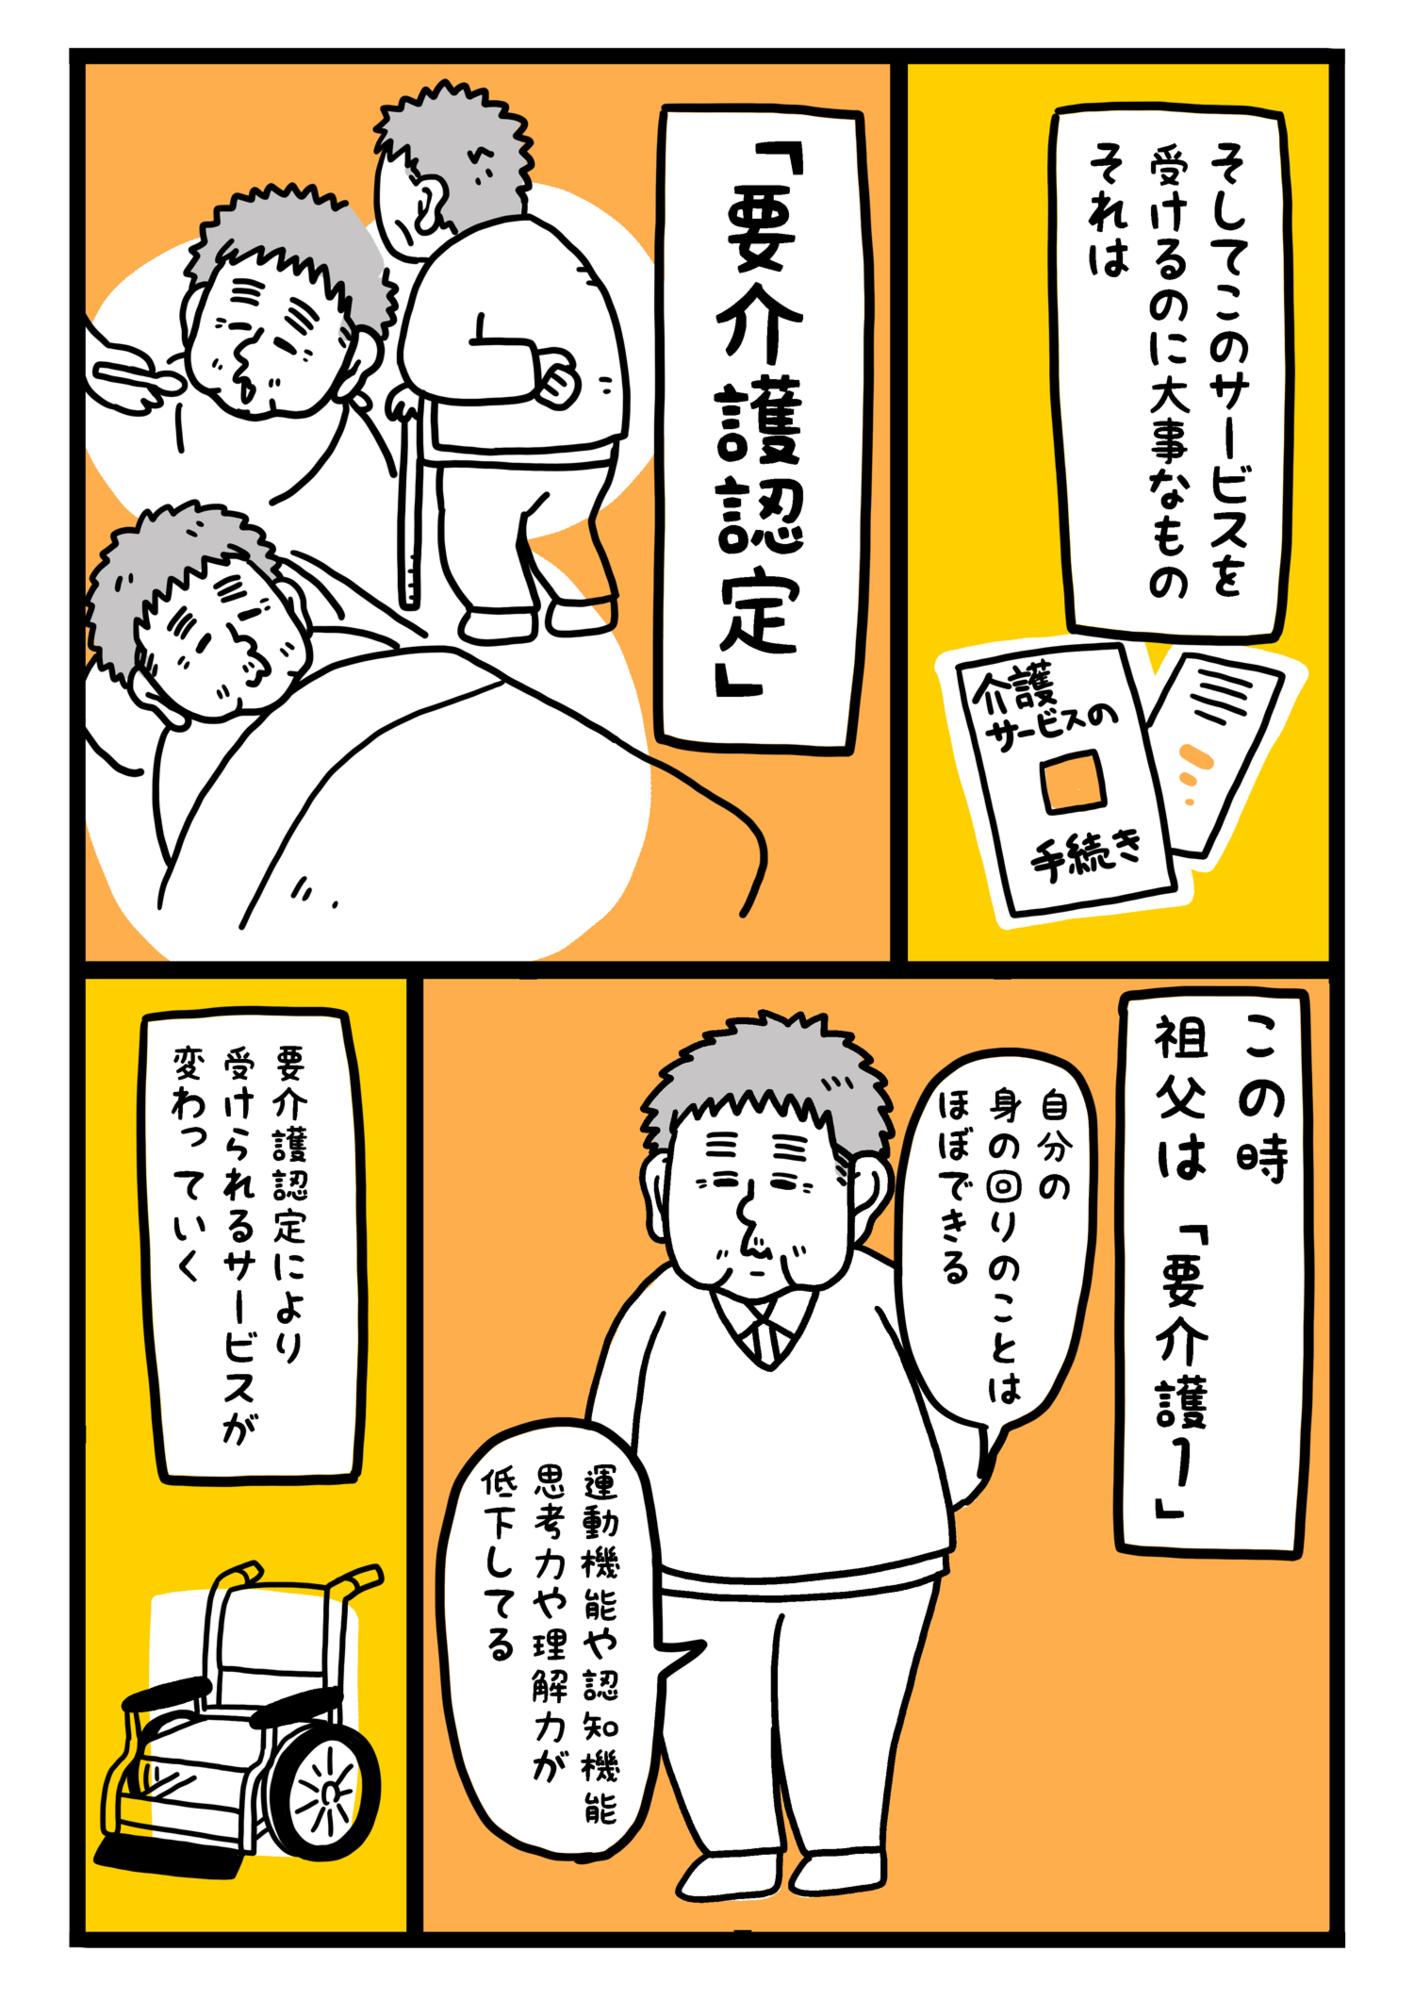 f:id:kakijiro:20180309071130p:plain